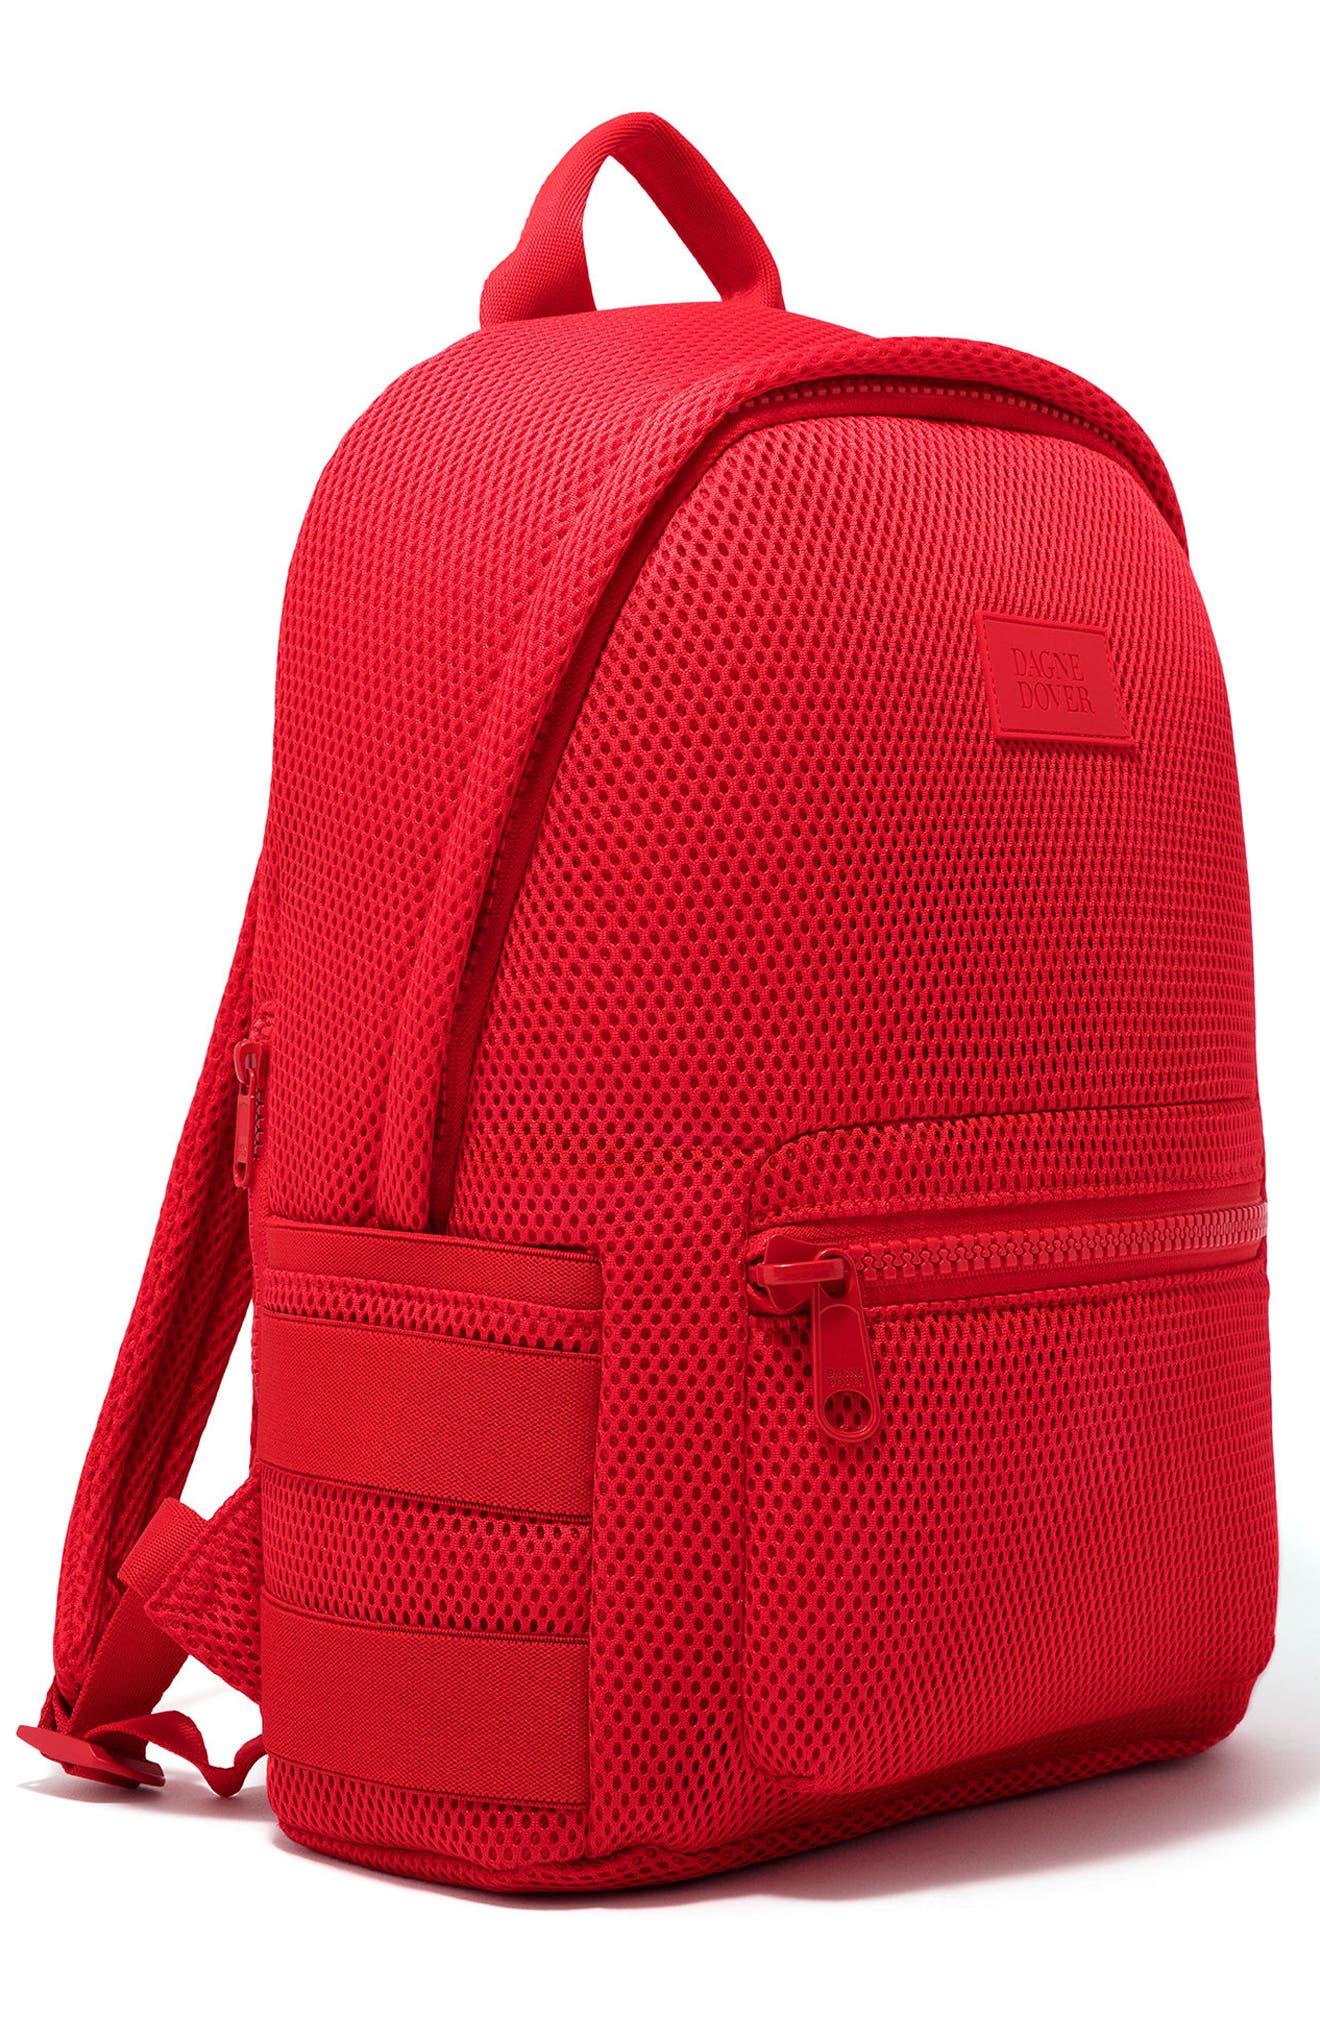 365 Dakota Neoprene Backpack,                             Alternate thumbnail 46, color,